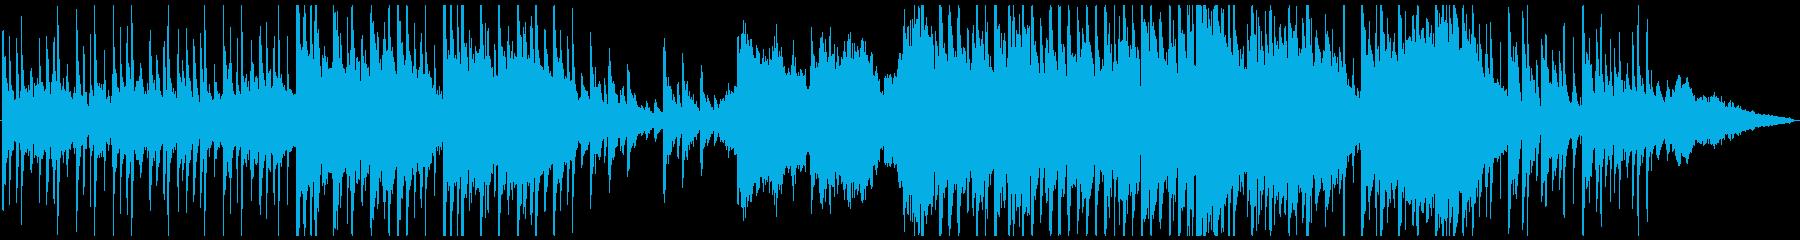 ミディアムテンポの切ないメロの曲ですの再生済みの波形